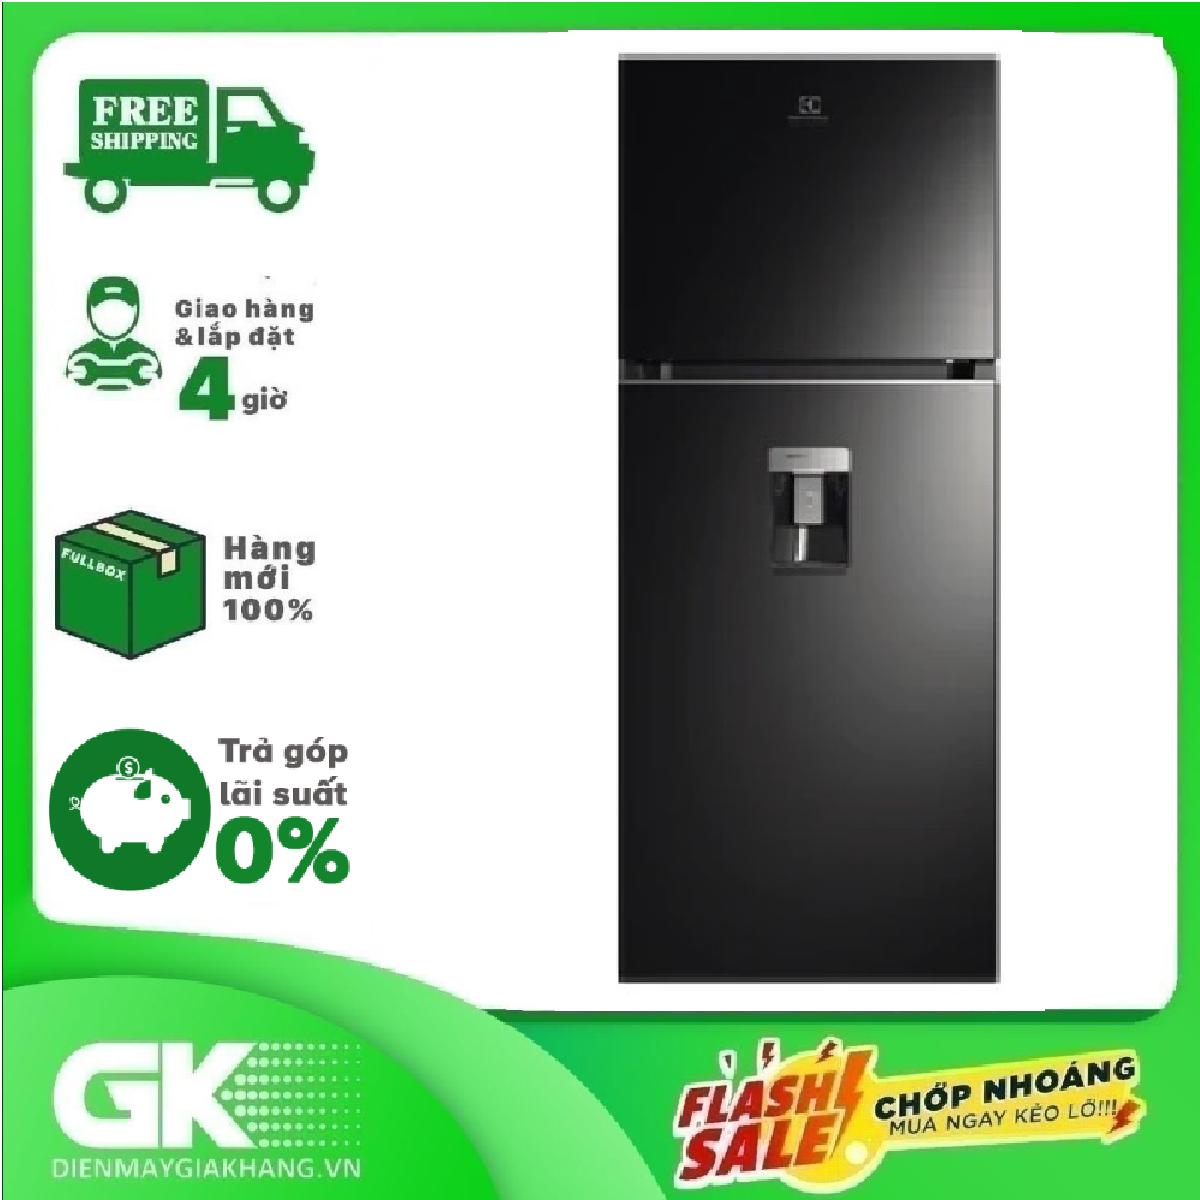 [GIAO HÀNG 2 – 15 NGÀY, TRỄ NHẤT 30.09] [Trả góp 0%]Tủ lạnh ETB3440K-H ngăn đông trên 312L UltimateTaste 300 – Công nghệ NutriFresh Inverter